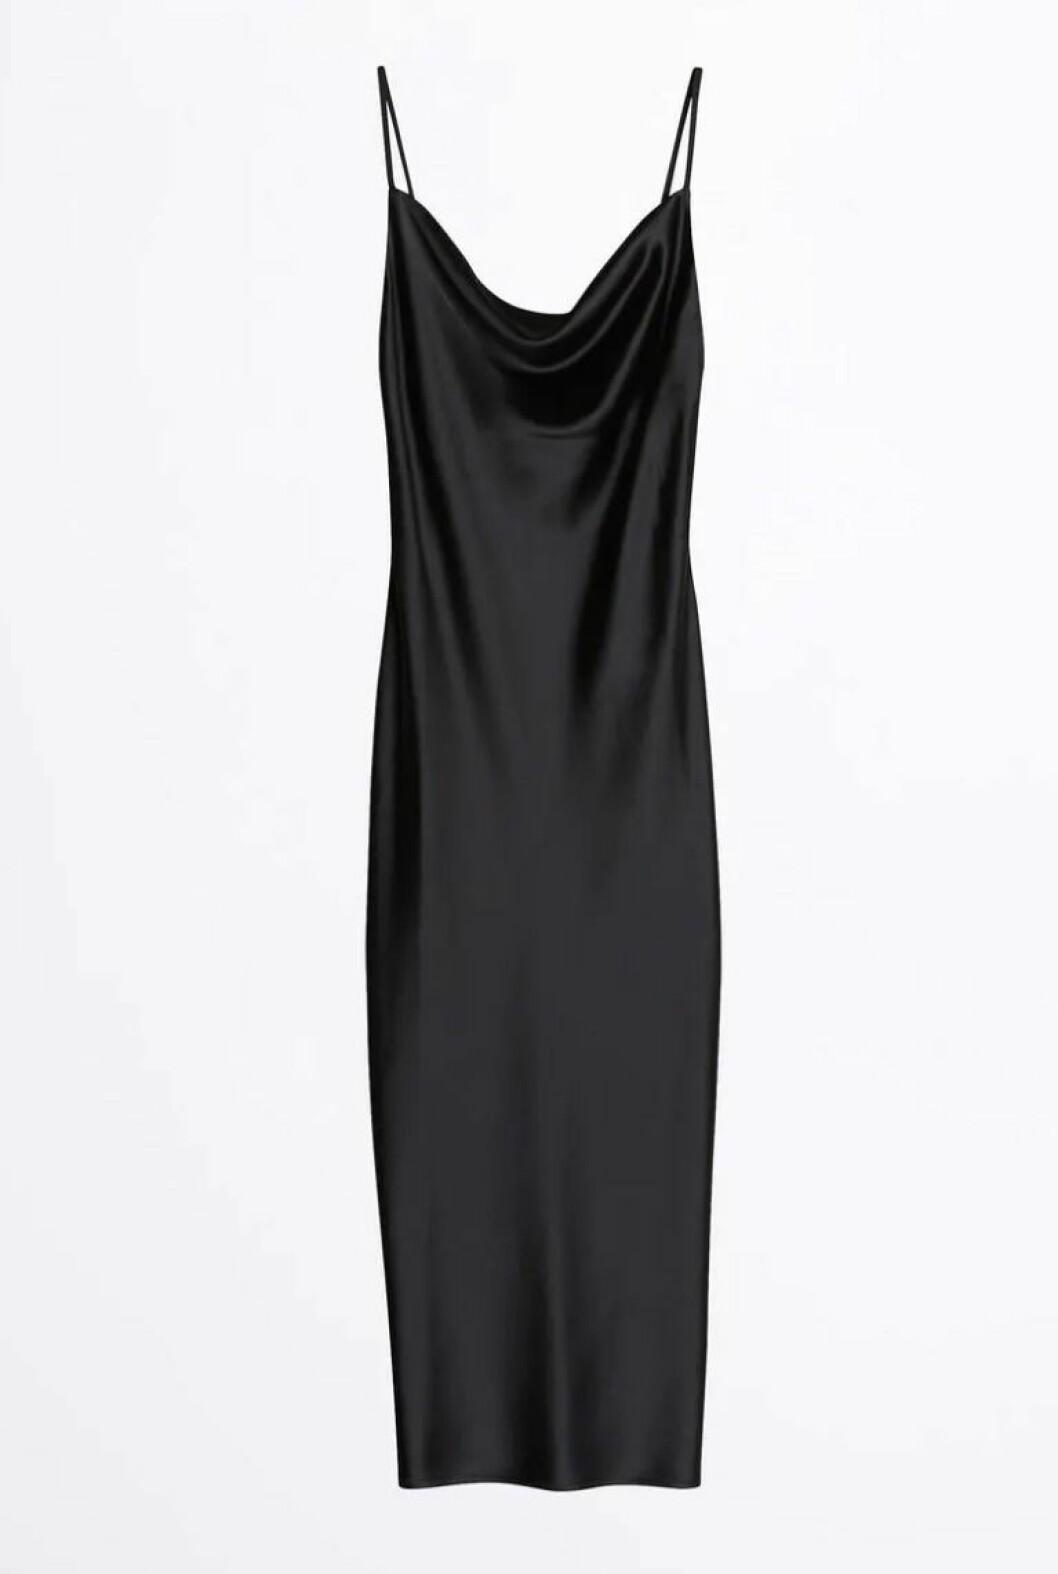 Svart slipklänning i glansigt material